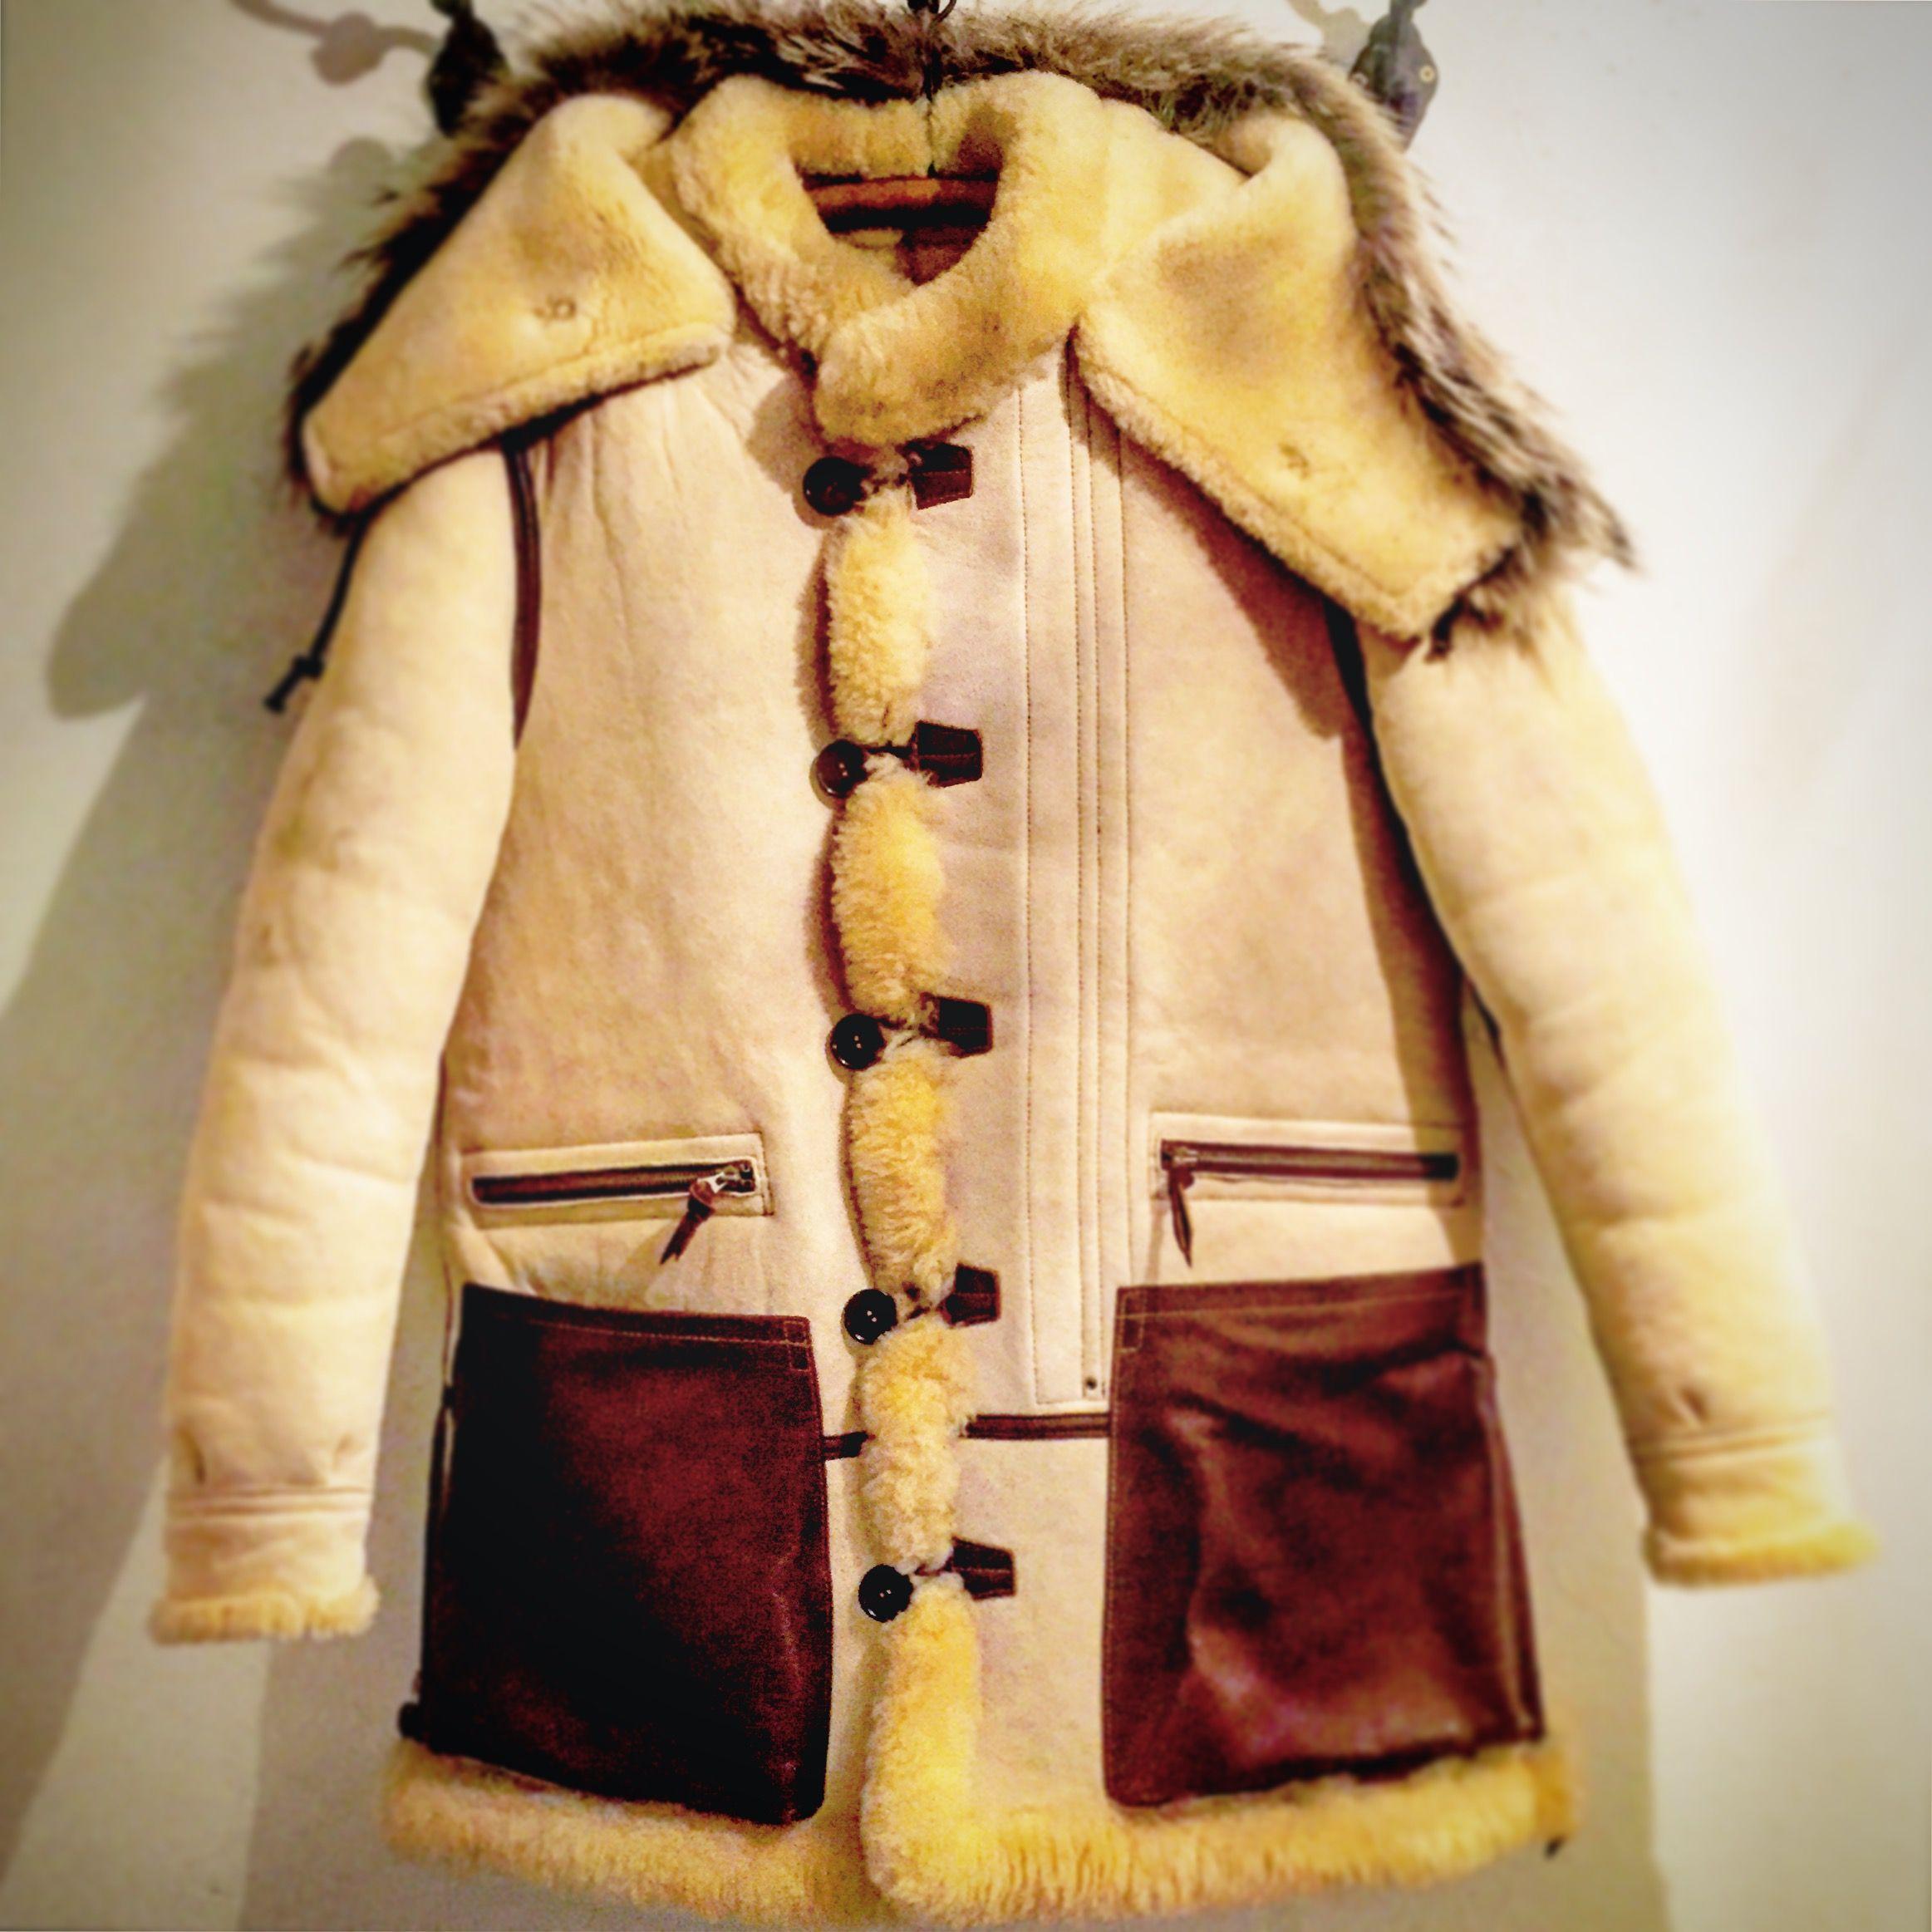 Sheepskin Coat, Clothes, Leather Jacket